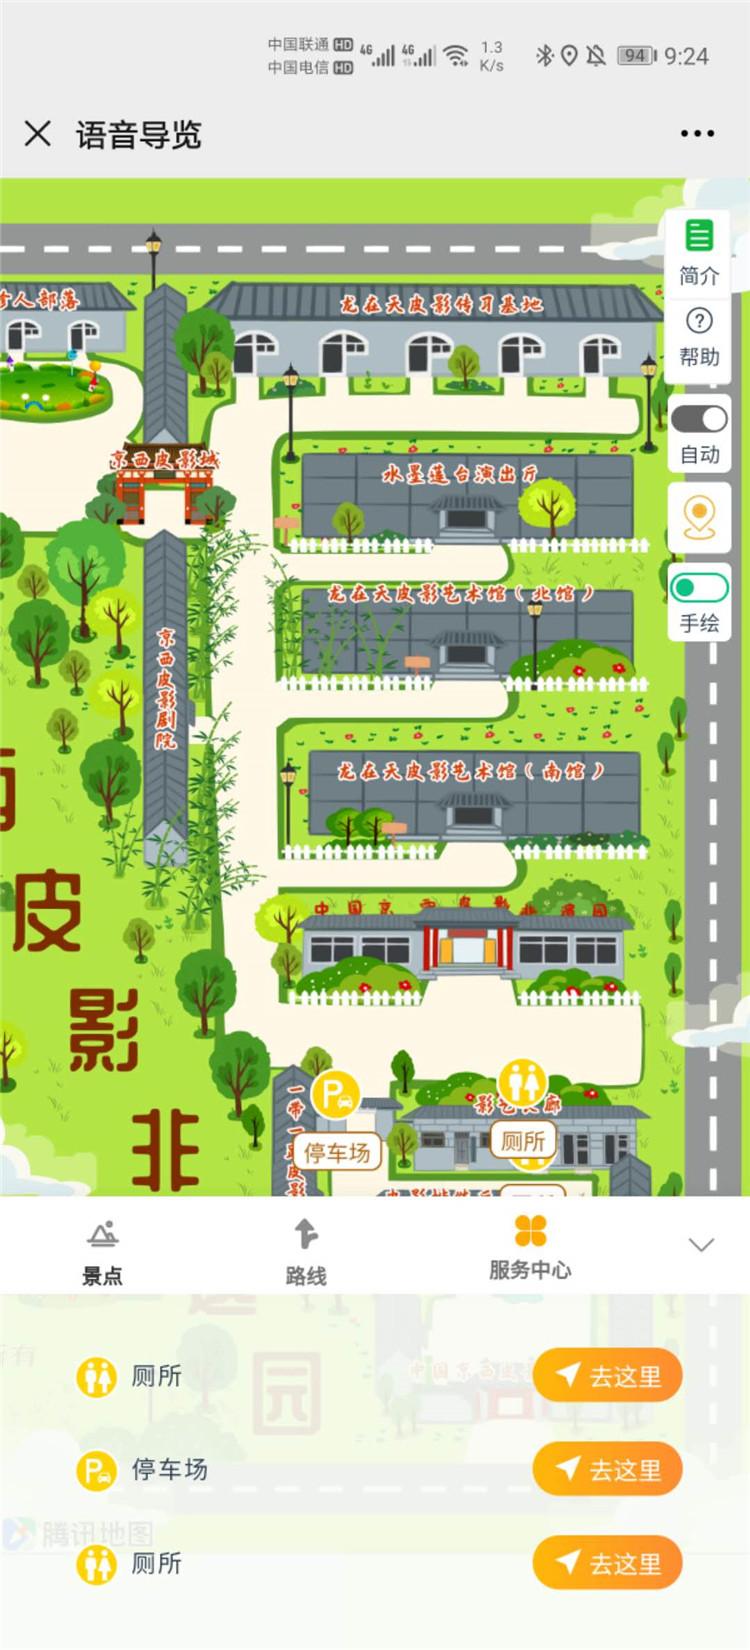 2020年北京中国京西皮影非遗园智能电子导览、语音讲解、手绘地图上线了3.jpg